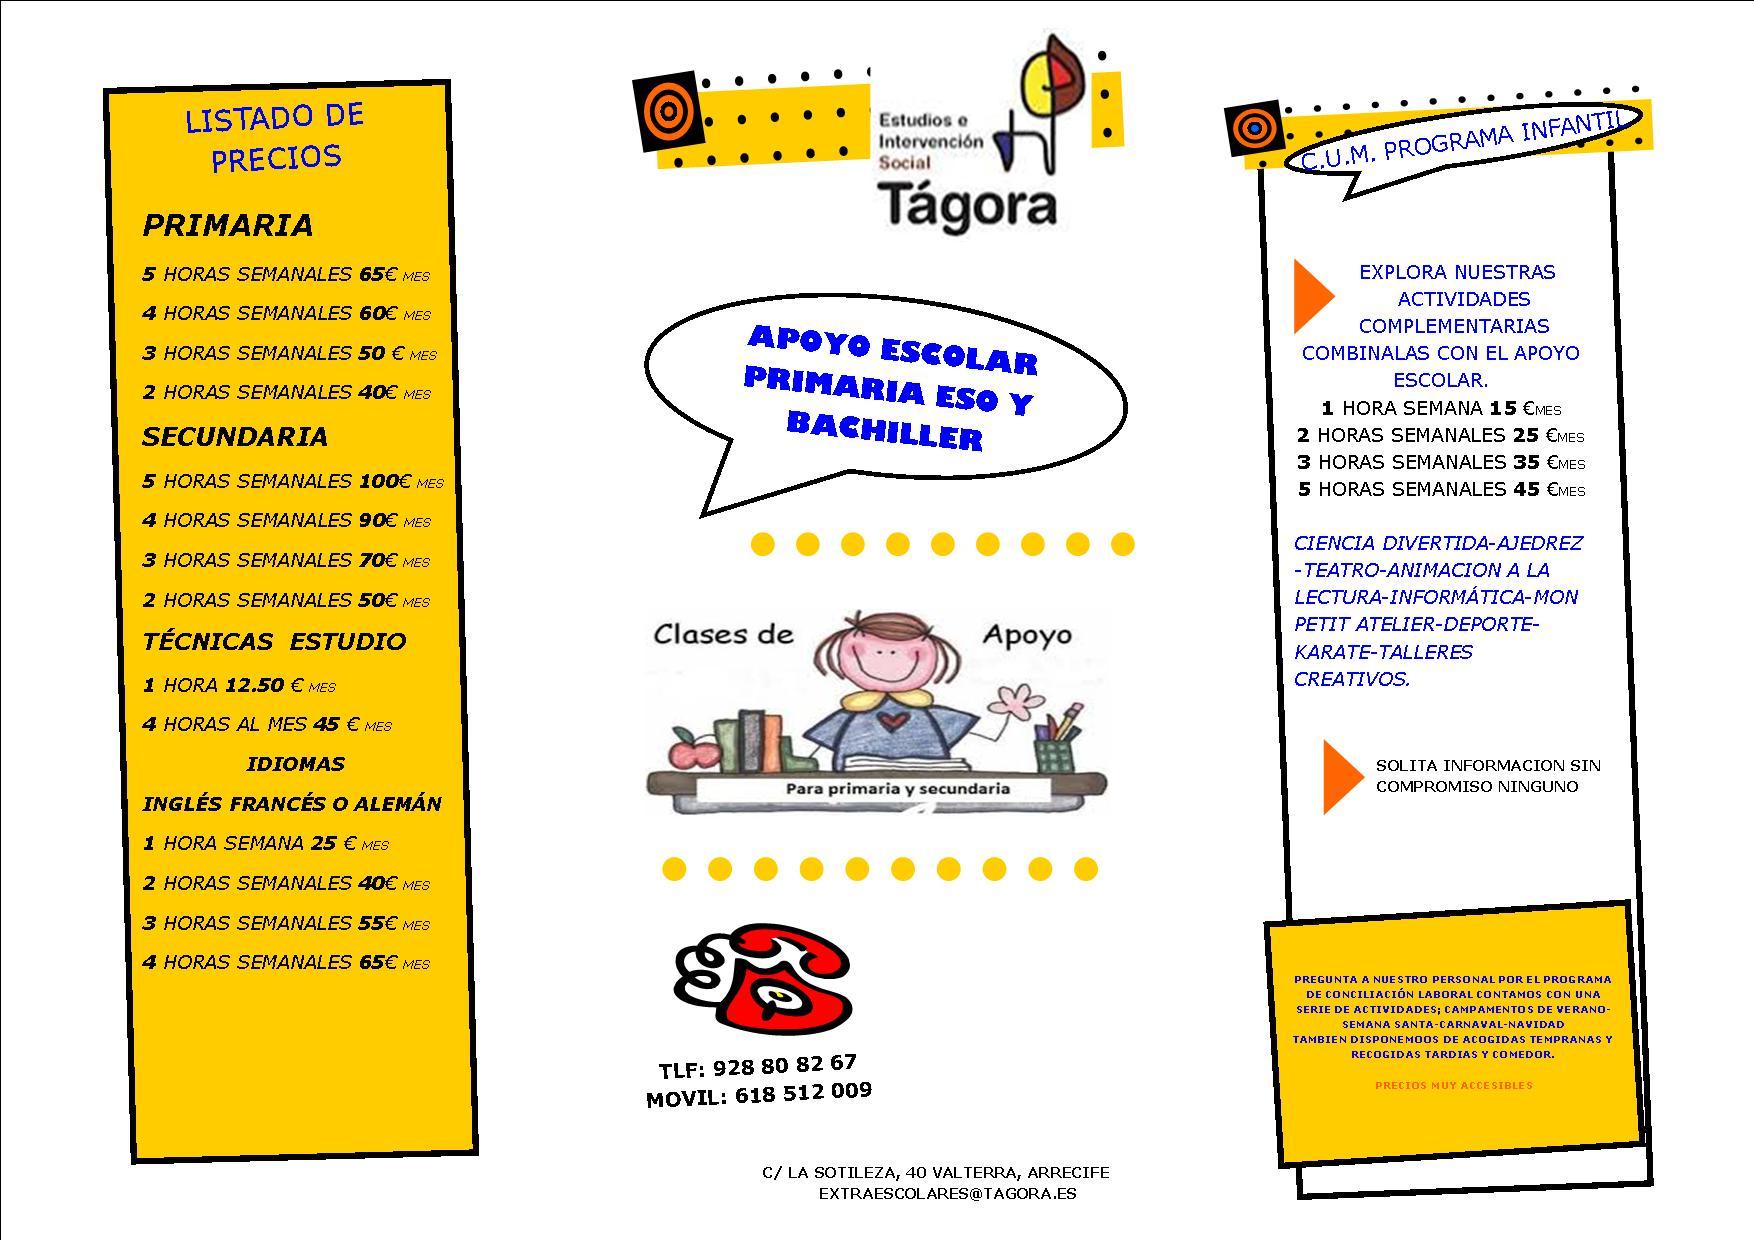 CARTEL DE PRECIOS TAGORA